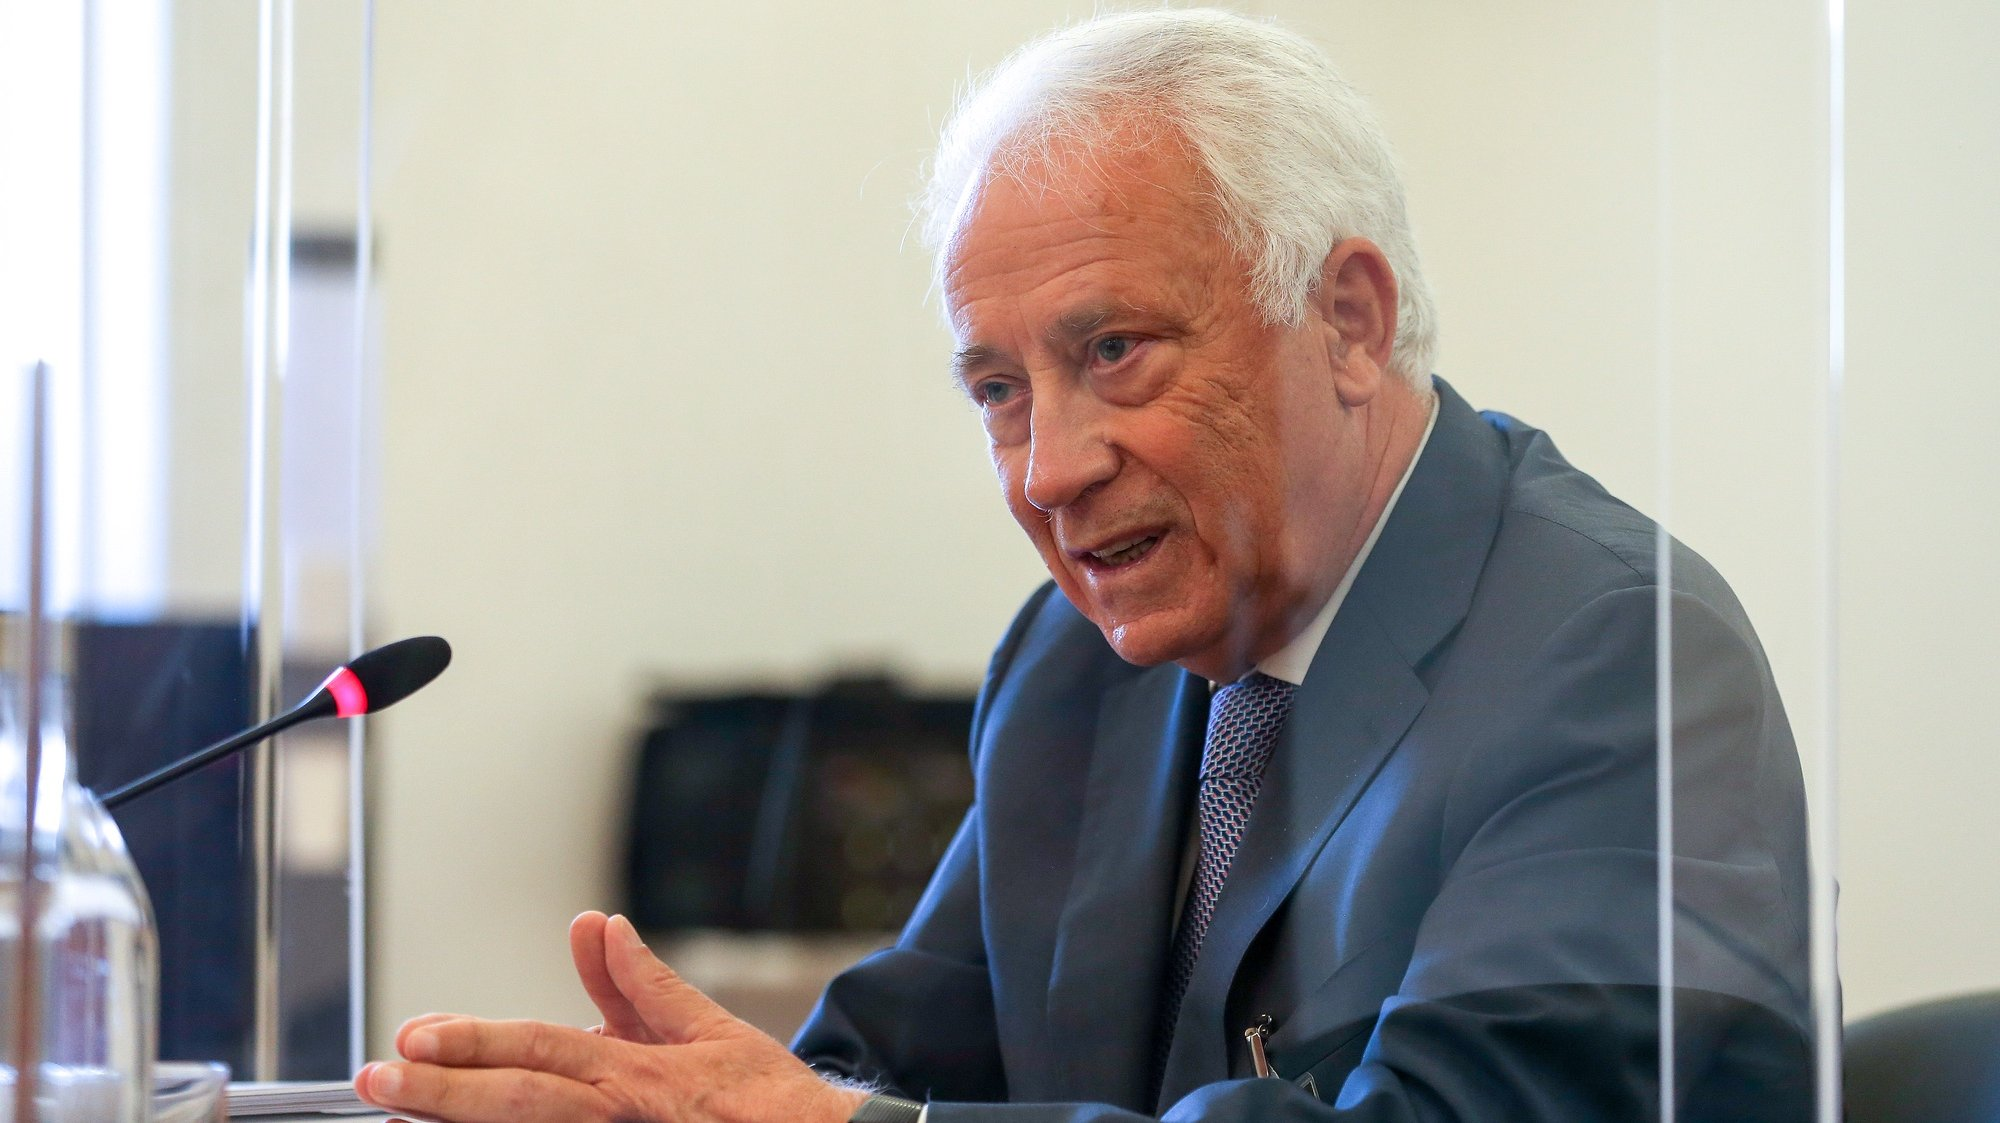 O ex- Governador do Banco de Portugal, Carlos Costa, durante a audição na Comissão Eventual de Inquérito Parlamentar às perdas registadas pelo Novo Banco e imputadas ao Fundo de Resolução, na Assembleia da República, em Lisboa, 17 de maio de 2021. MANUEL DE ALMEIDA/LUSA